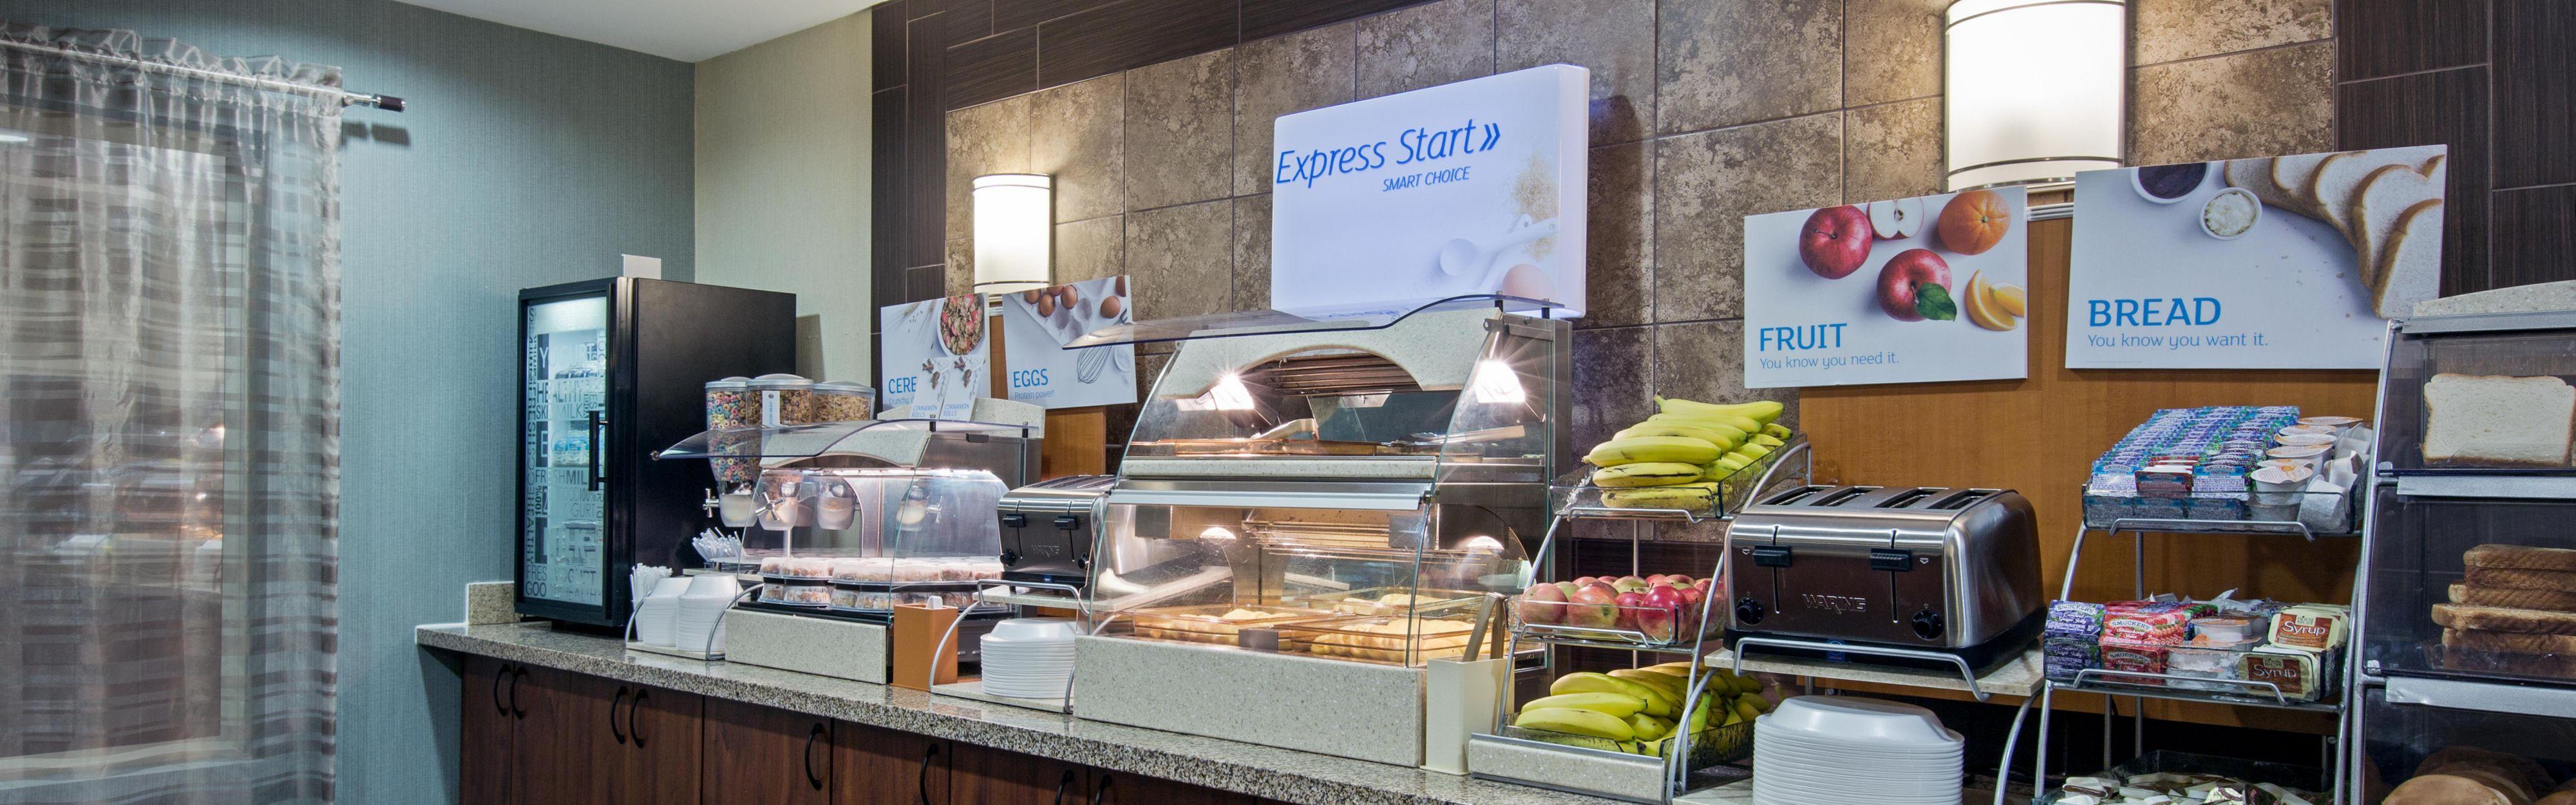 Holiday Inn Express & Suites Salamanca image 3